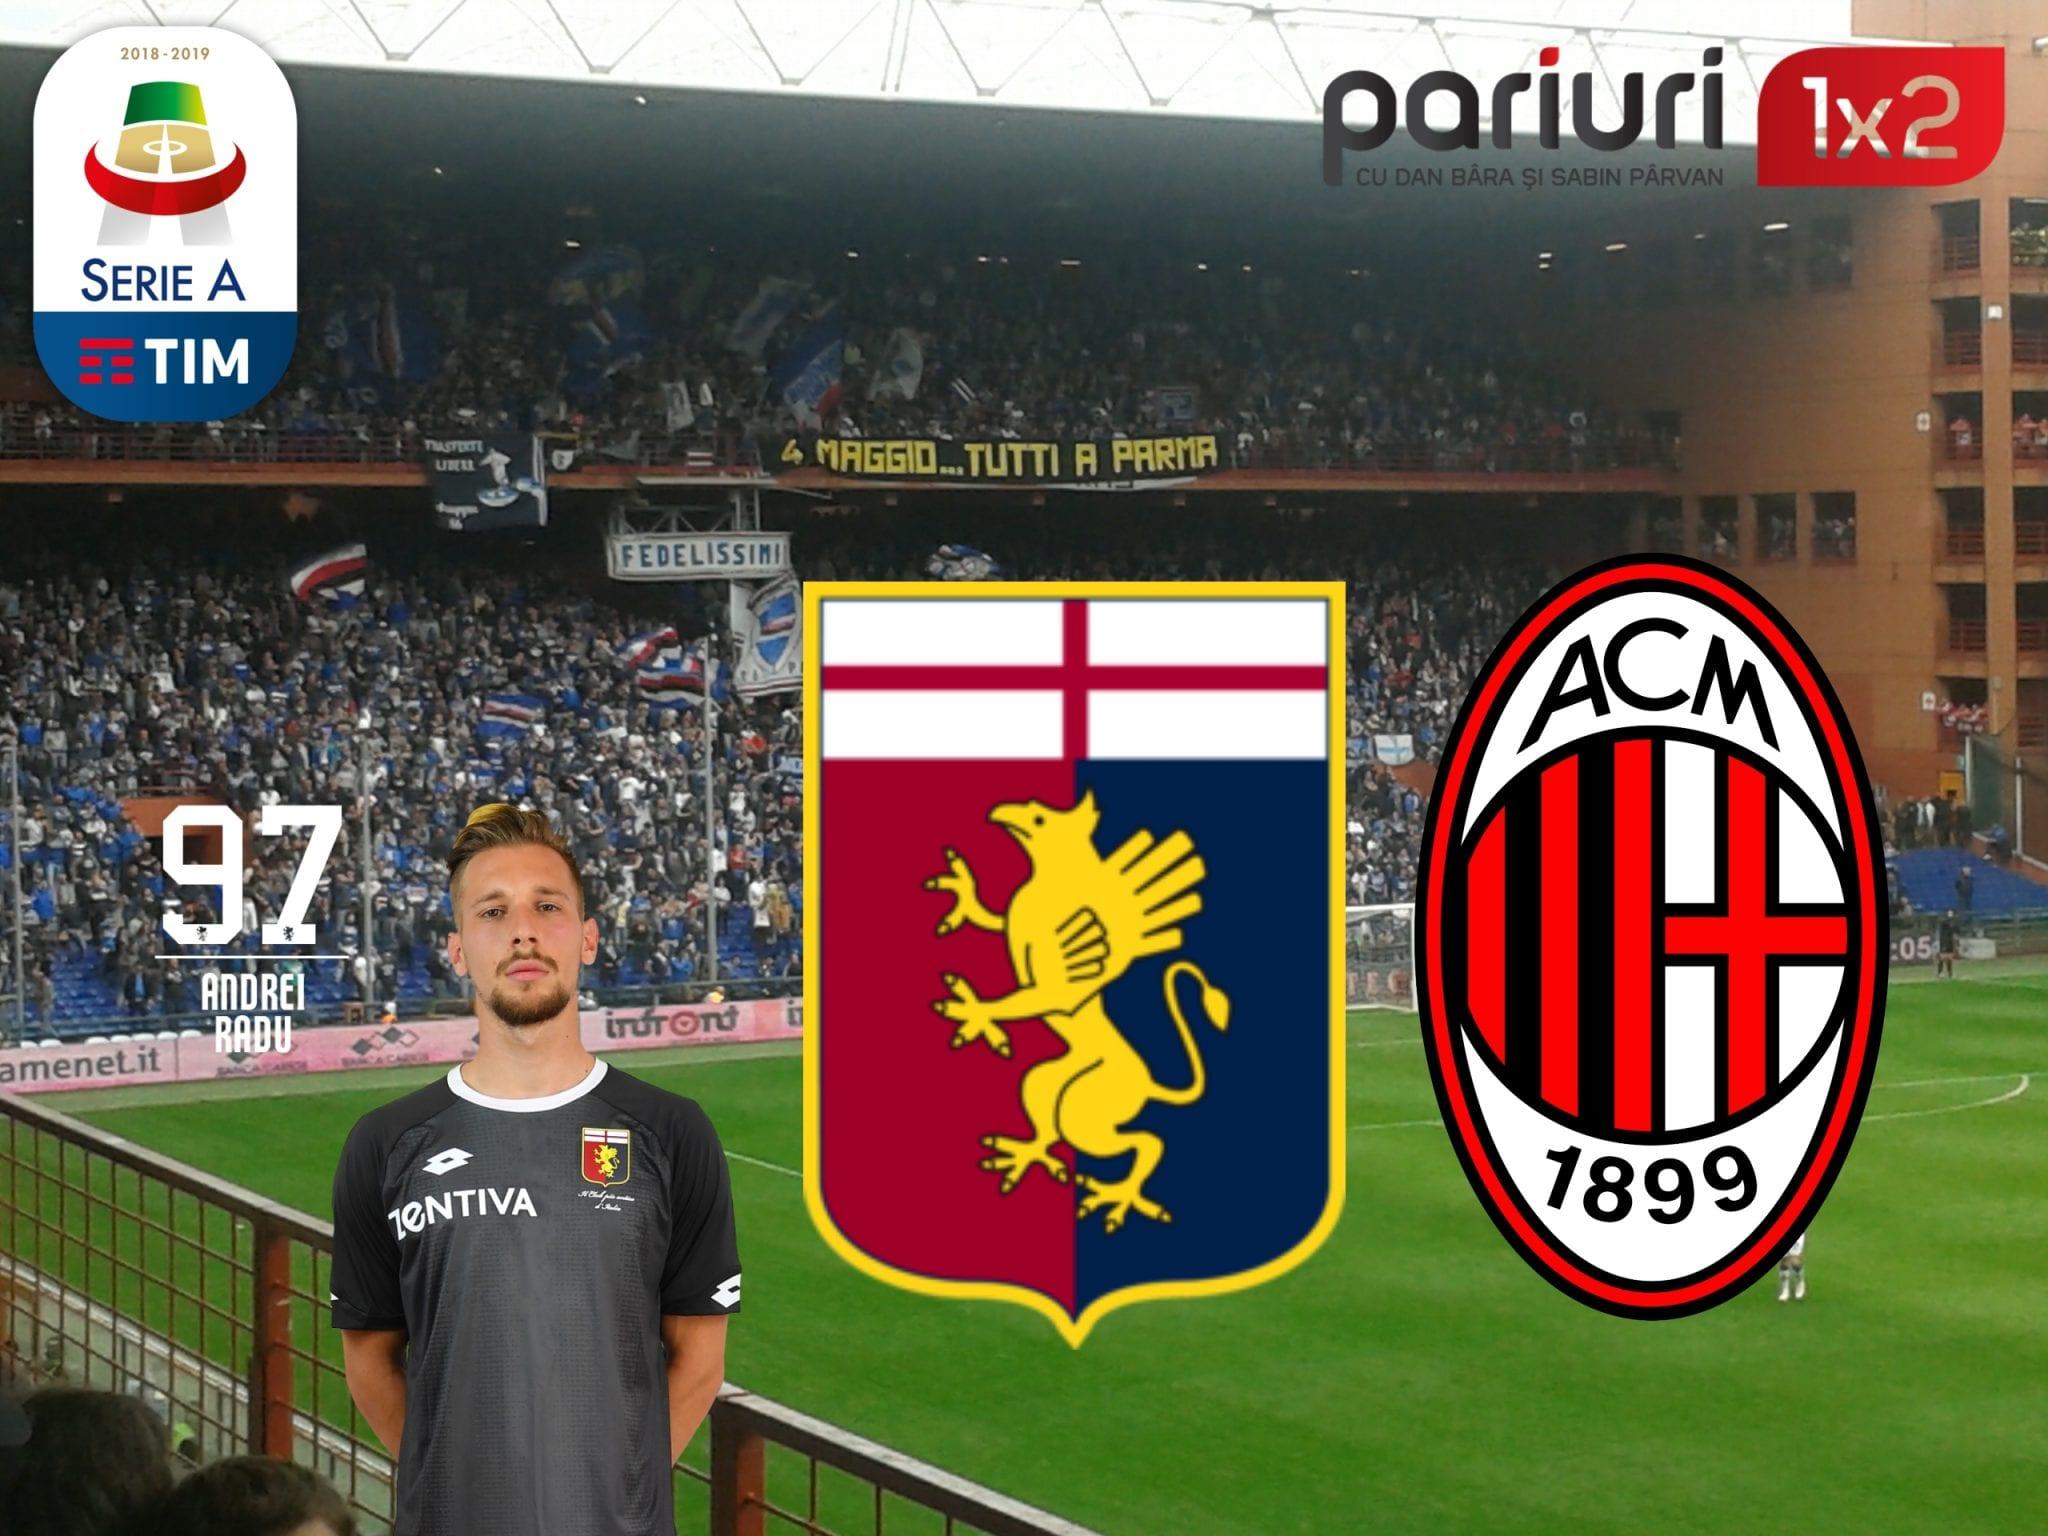 """Genoa – AC Milan» """"Diavolii"""" nu mai au scuza! Un scenariu favorabil oaspetilor vine in COTA 1.57!"""